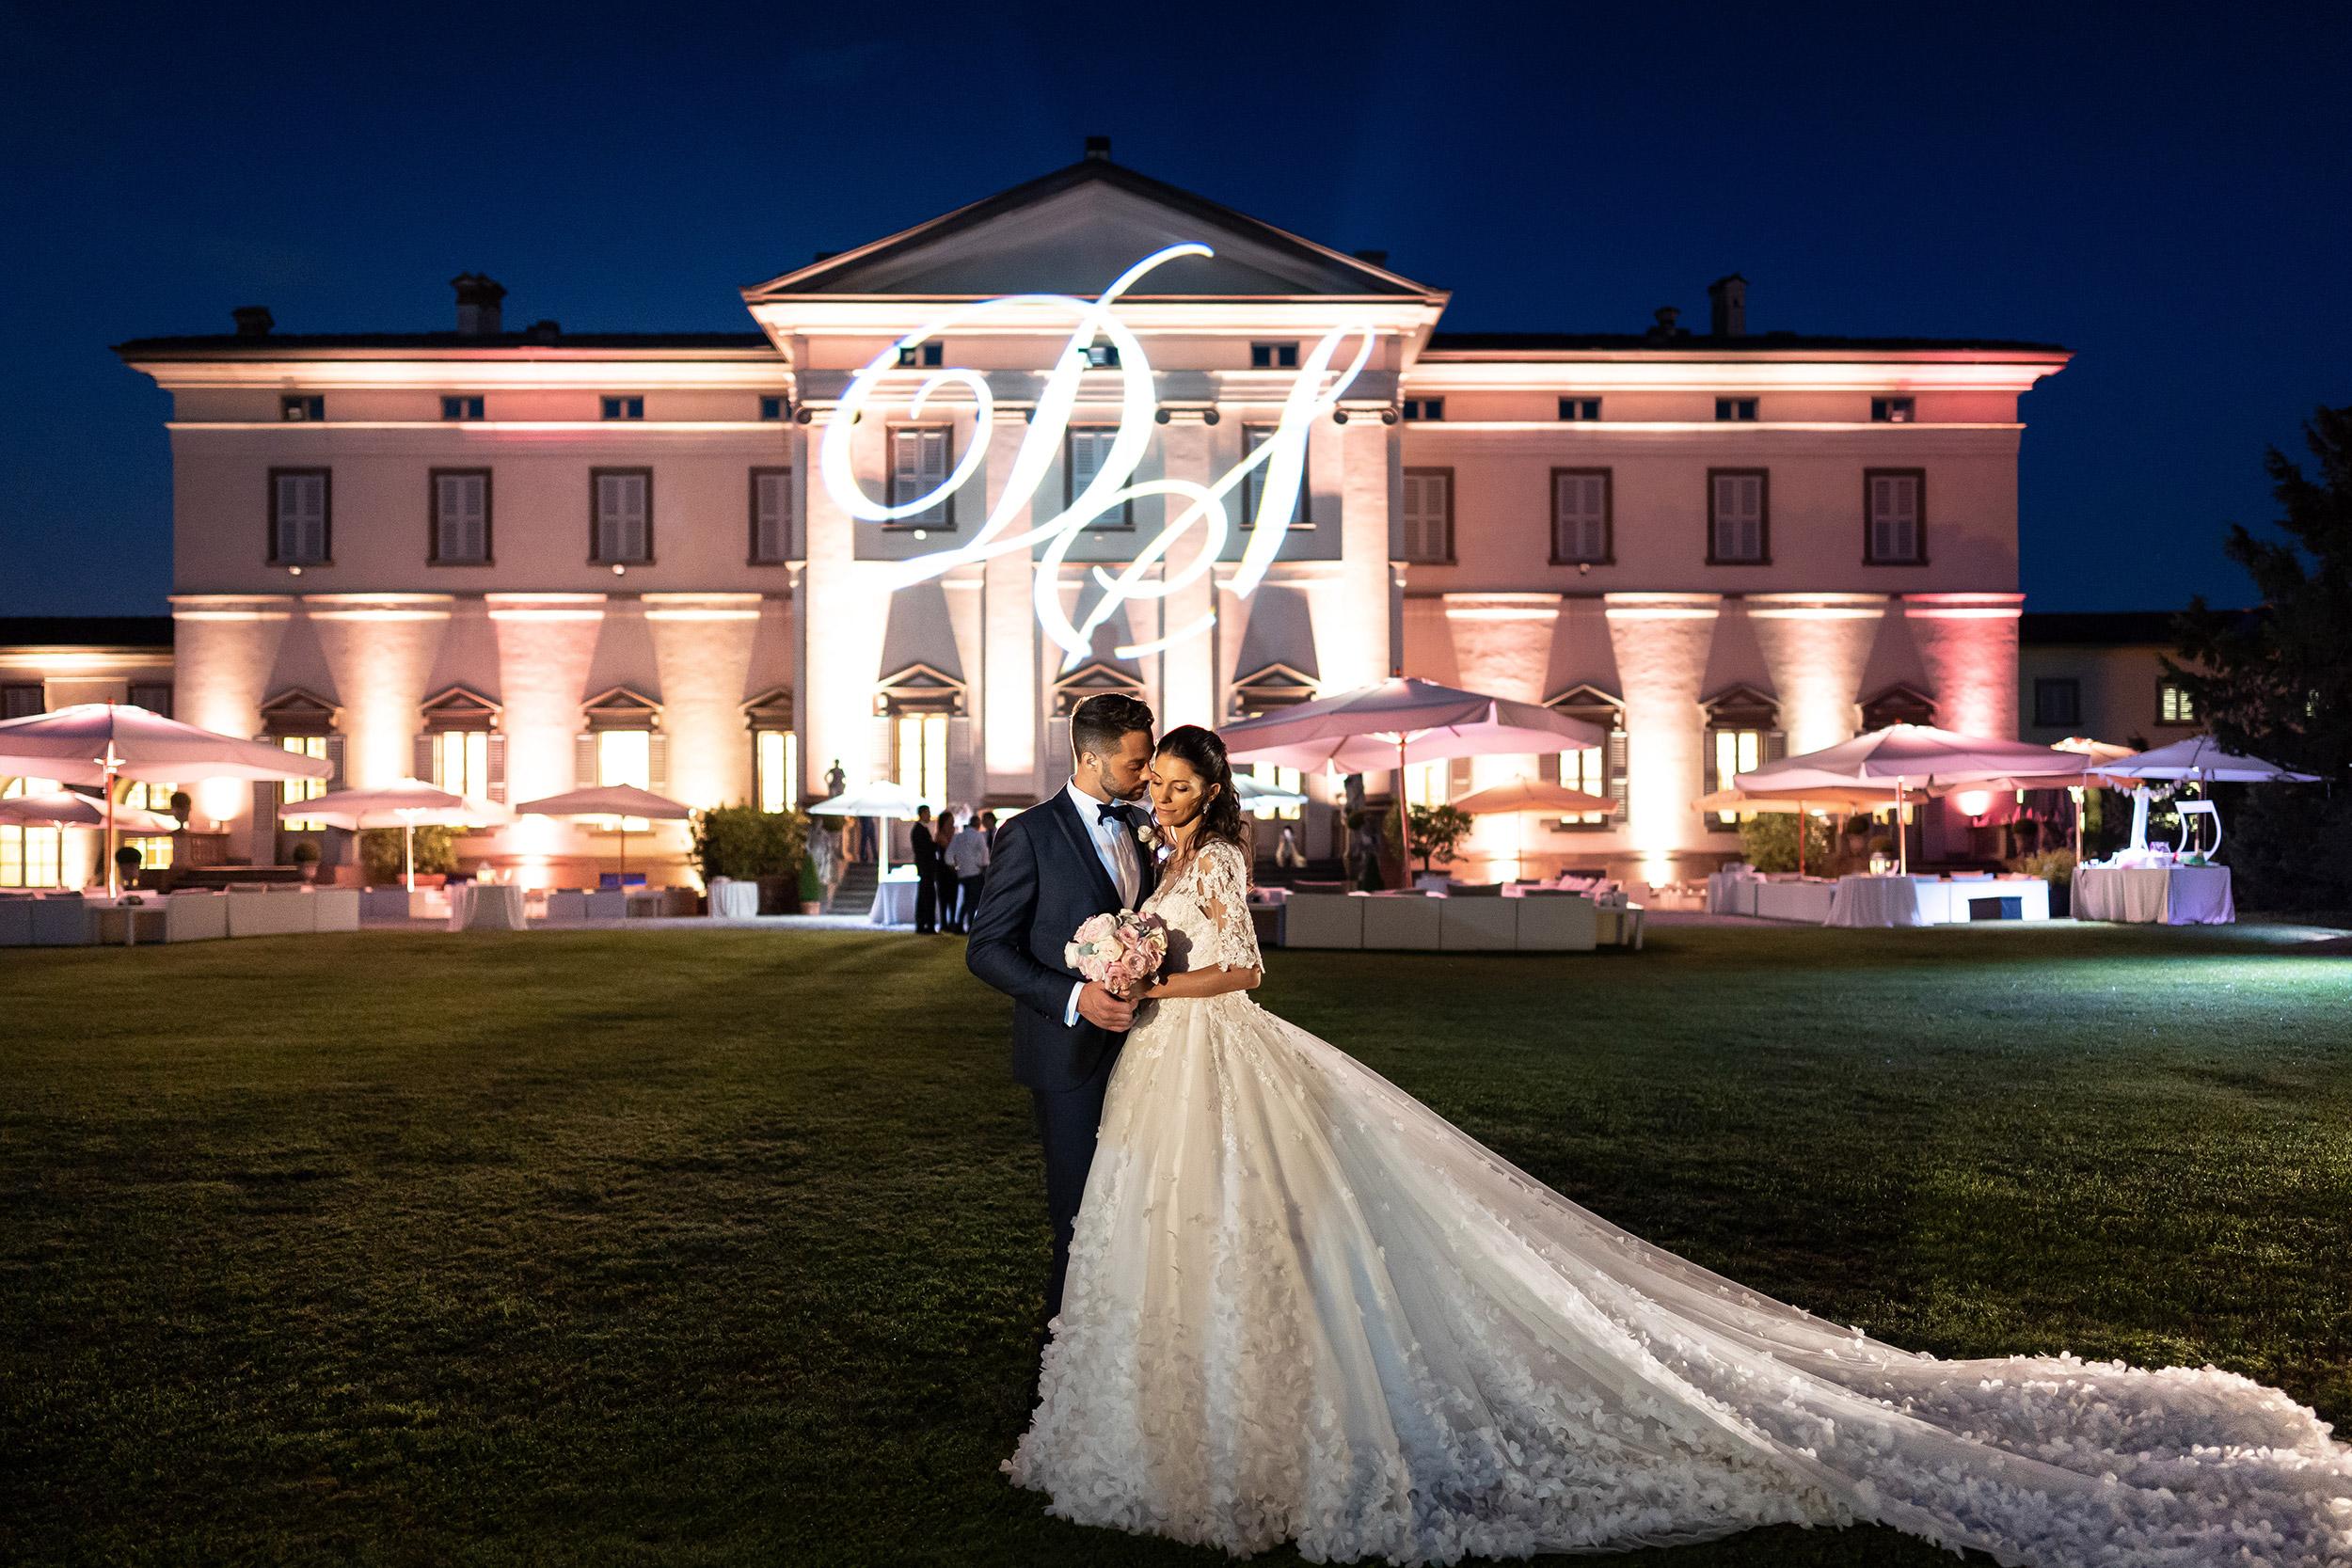 000 reportage wedding sposi foto matrimonio villa zanchi bergamo copia